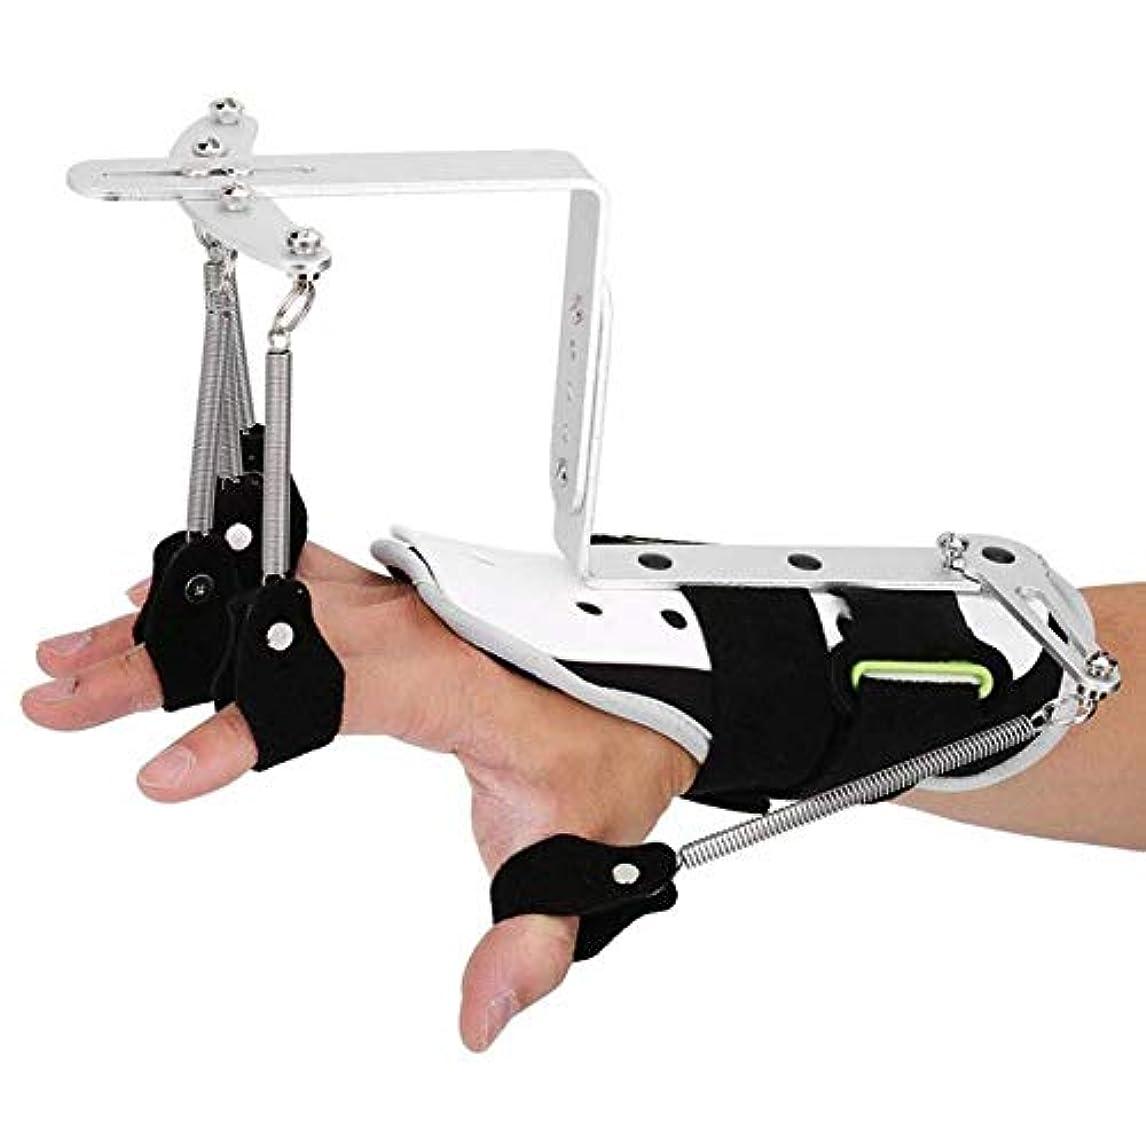 女優エイリアン弱点脳卒中片麻痺患者のための指損傷サポート、指手首関節矯正トレーニングサポート